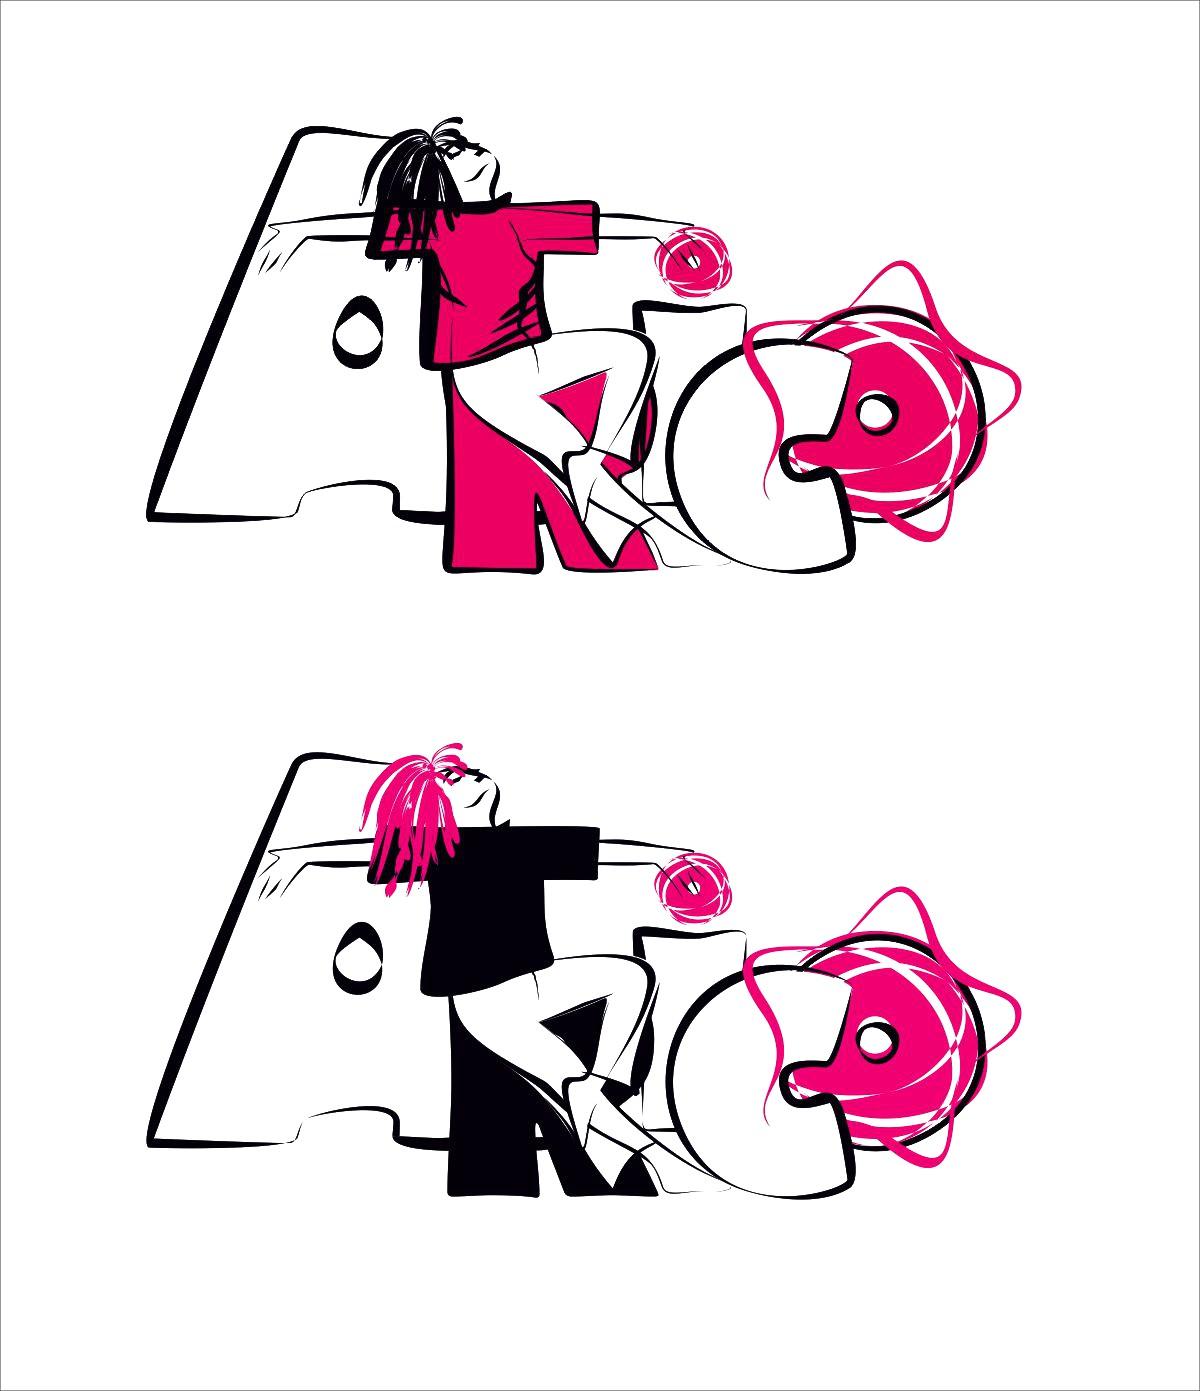 Логотип для брендовой пряжи и трикотажной одежды фото f_8116007877f0c74a.jpg